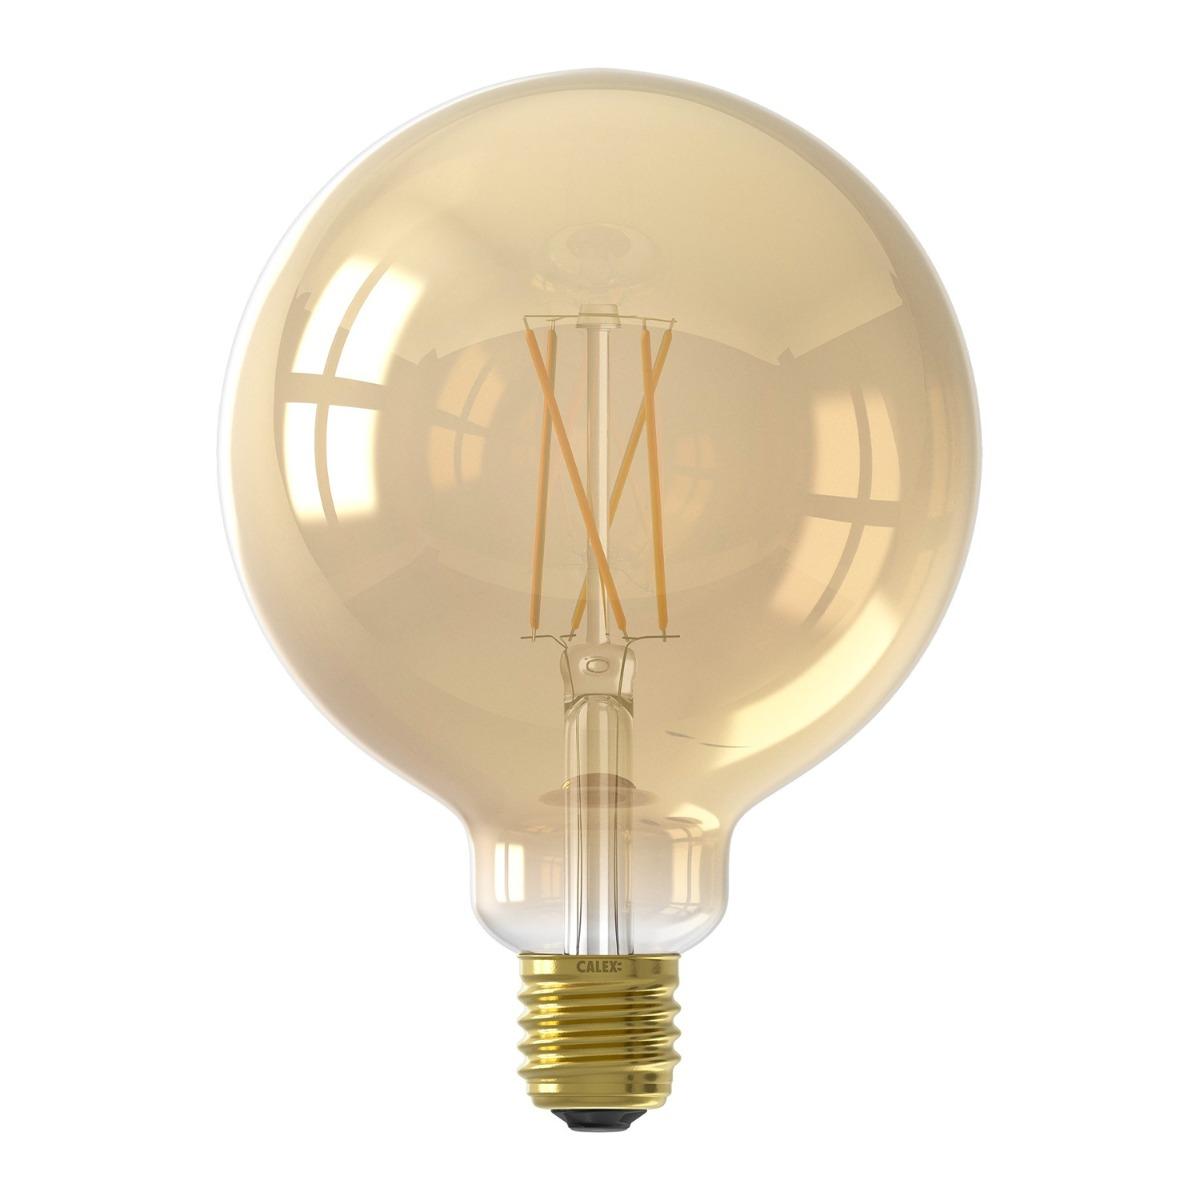 Bilde av Calex Smart Globe G125 Led Pære E27 7w 806lm 1800-3000k Filament | Tuya Wifi - Innstillbar Hvit